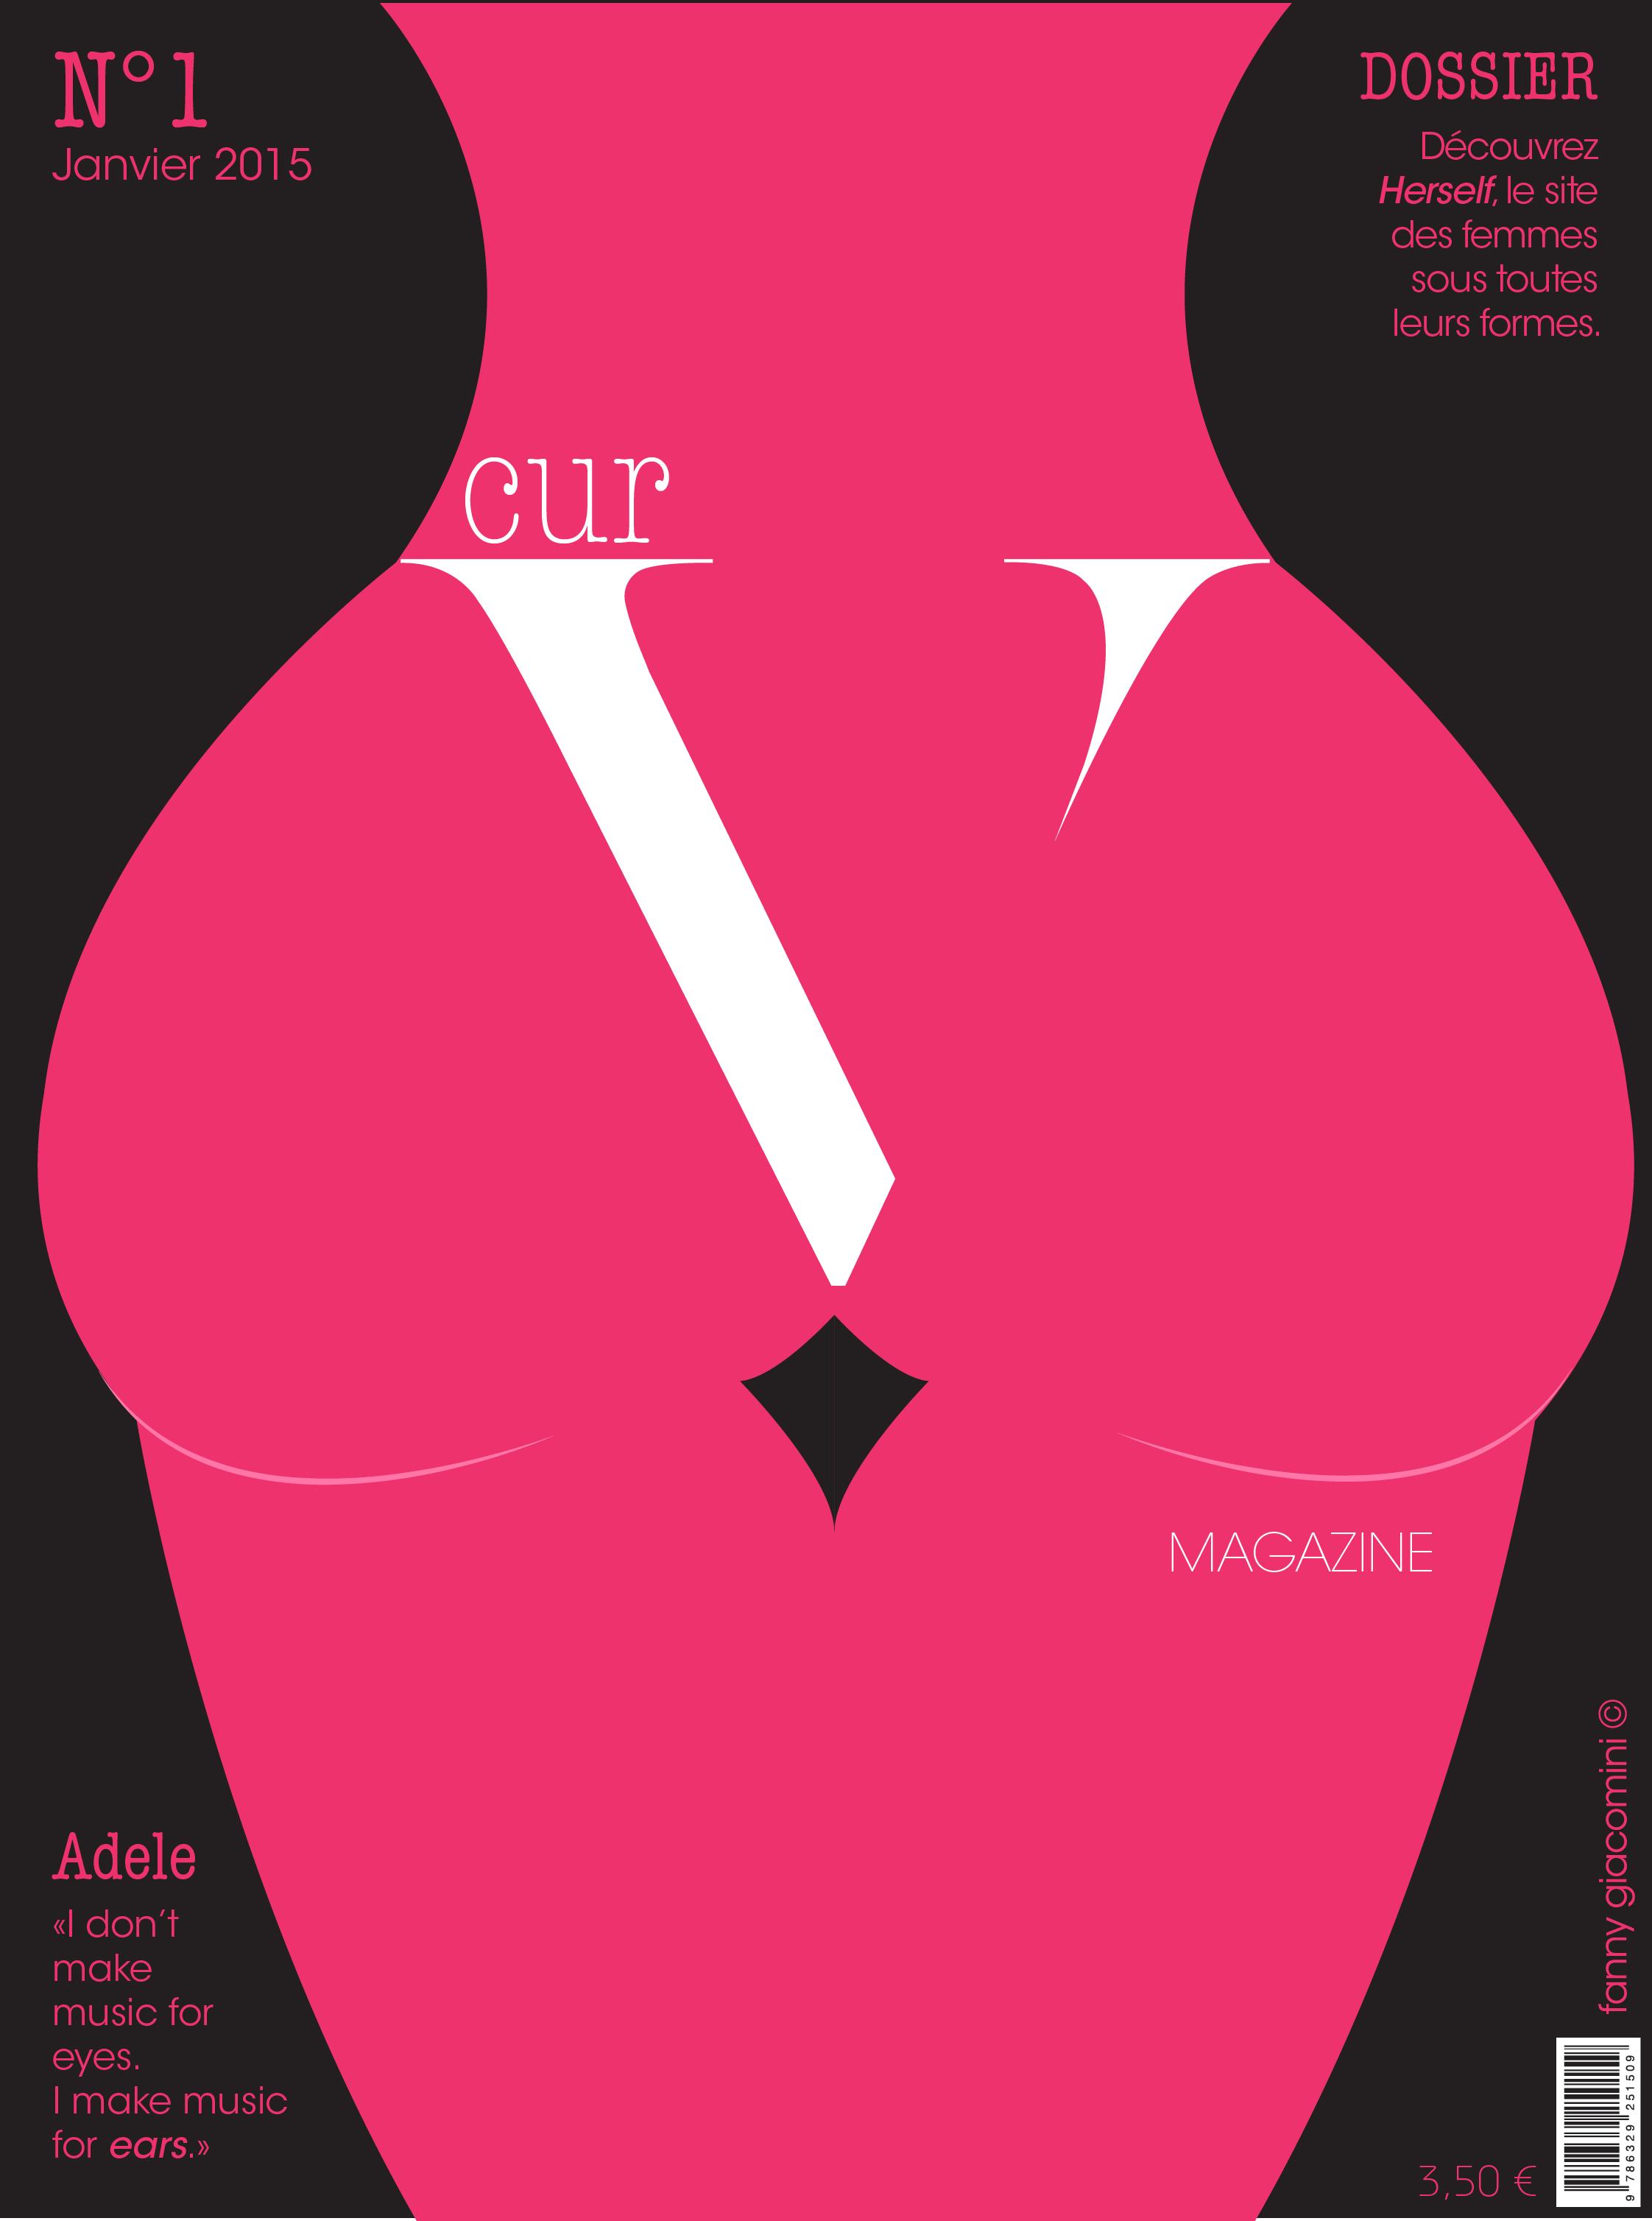 fanny-giacomini-cur-V-magazine